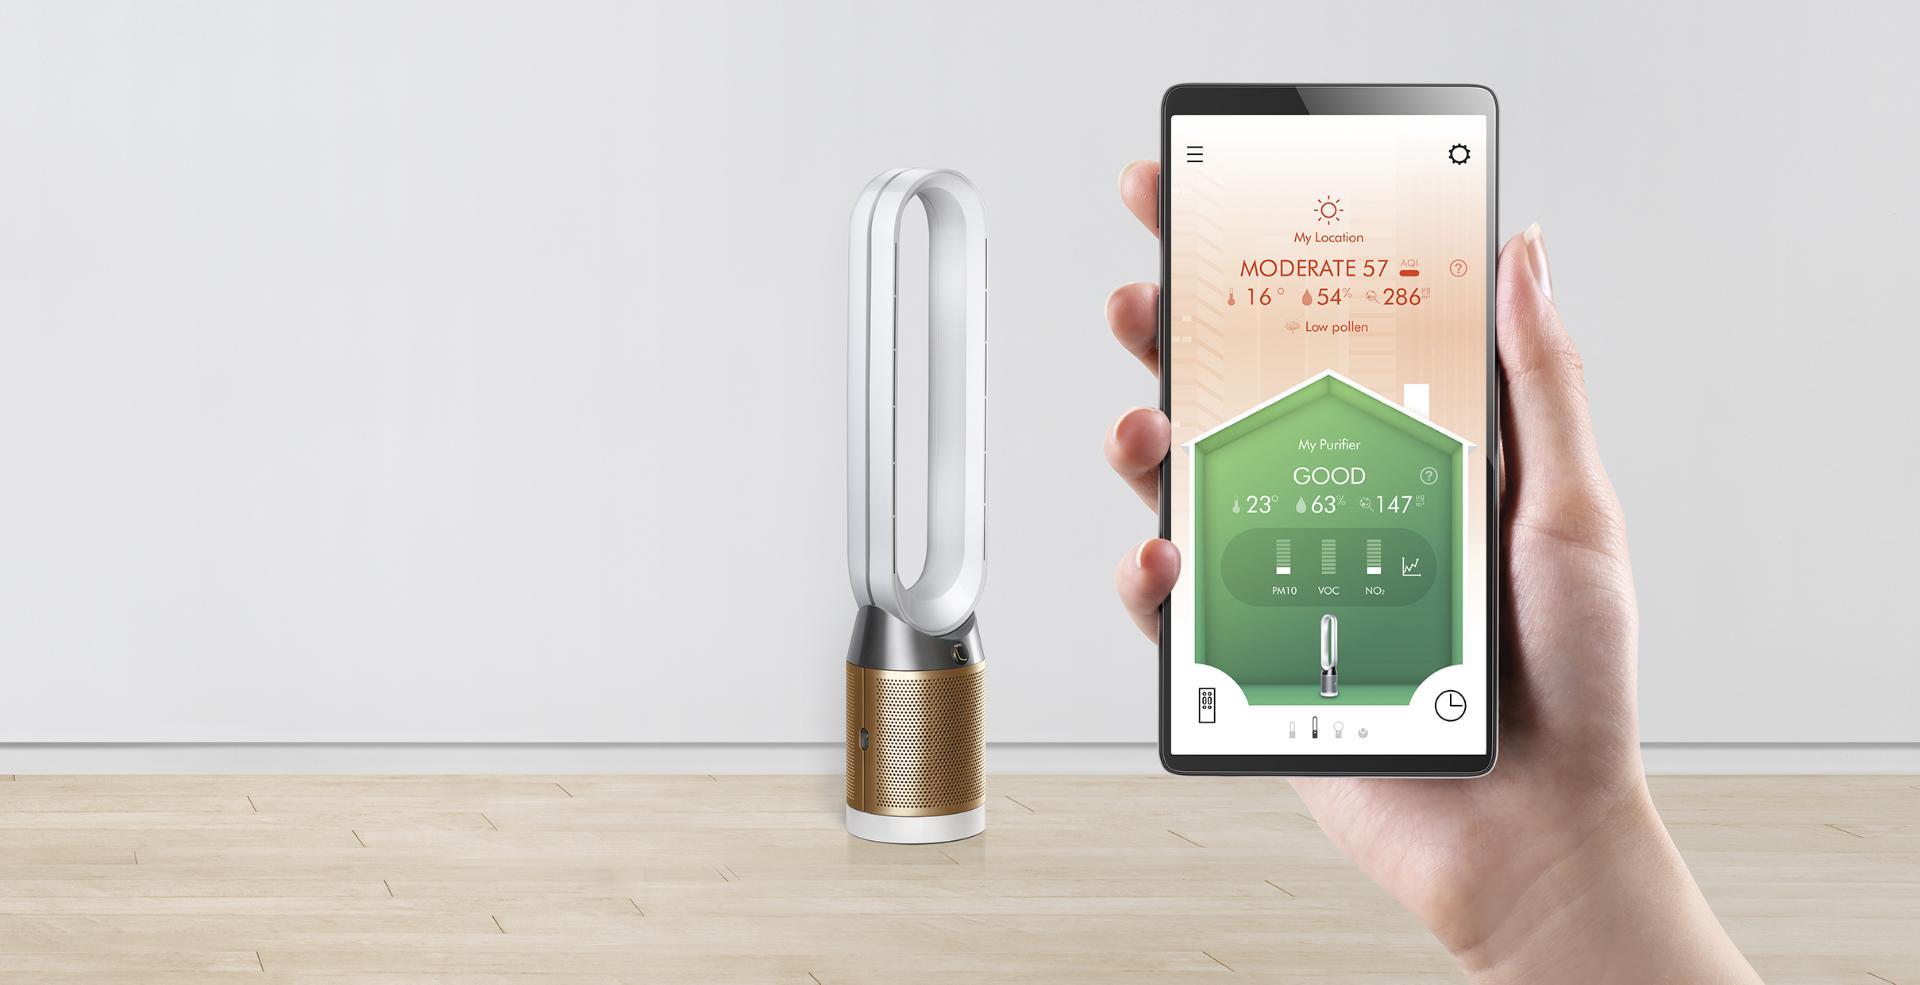 다이슨 링크 앱을 통해 다이슨 공기청정 선풍기를 원격으로 제어하는 사람의 모습